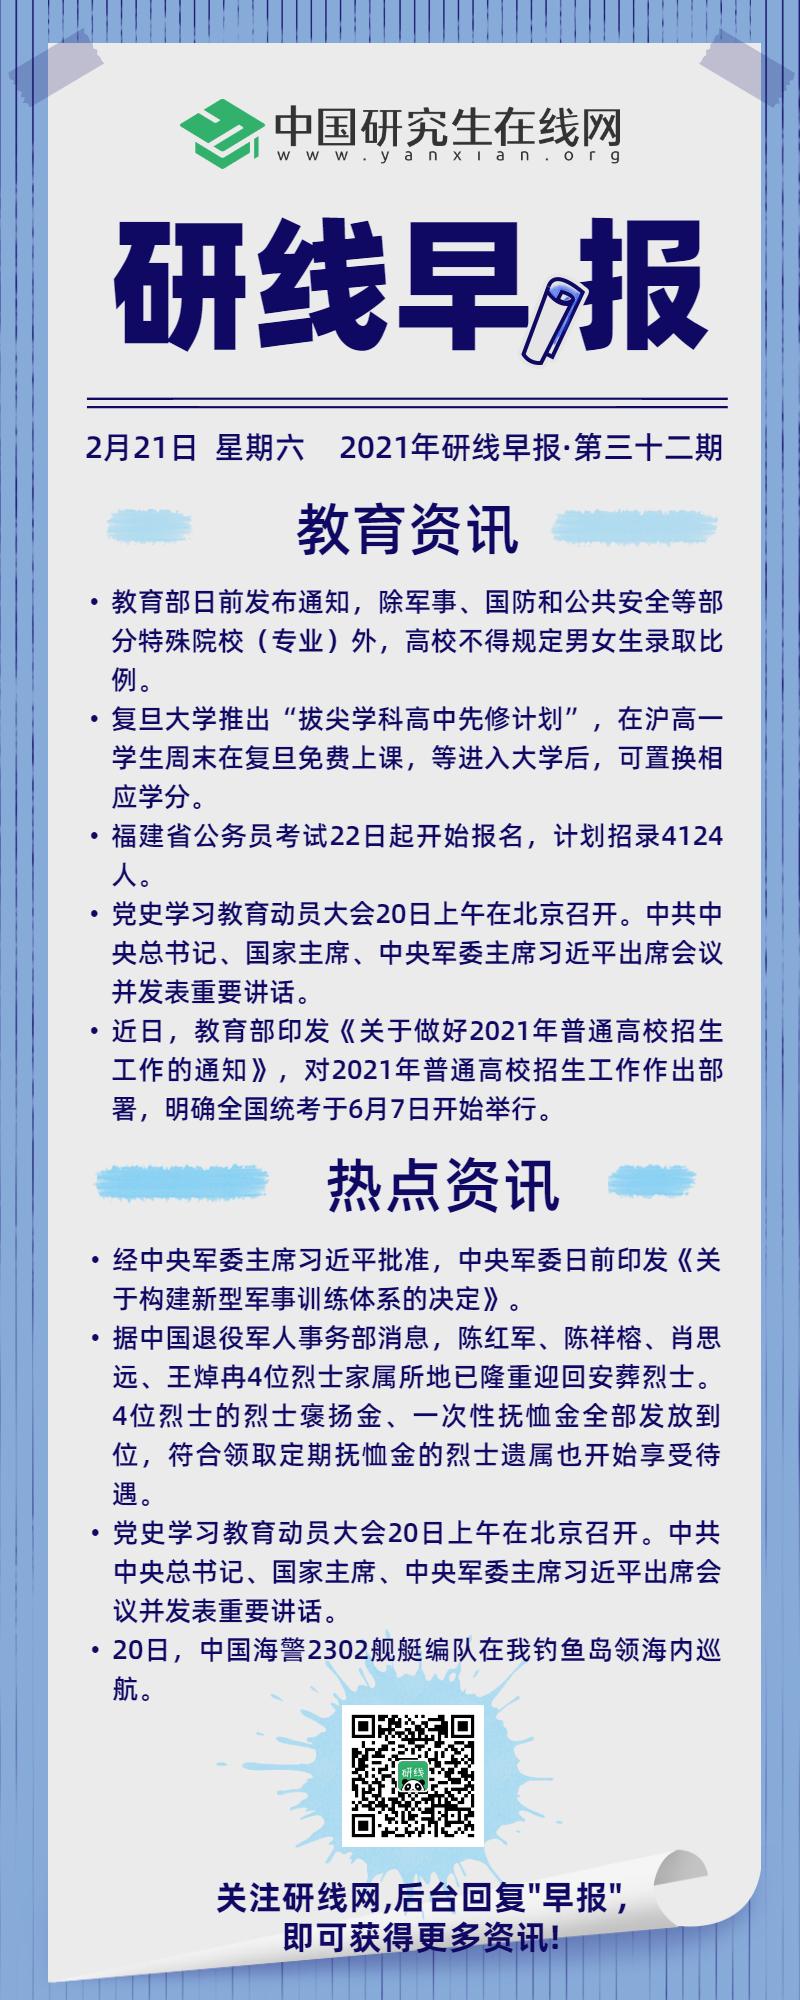 【2021年研线早报·第三十二期】2月21日